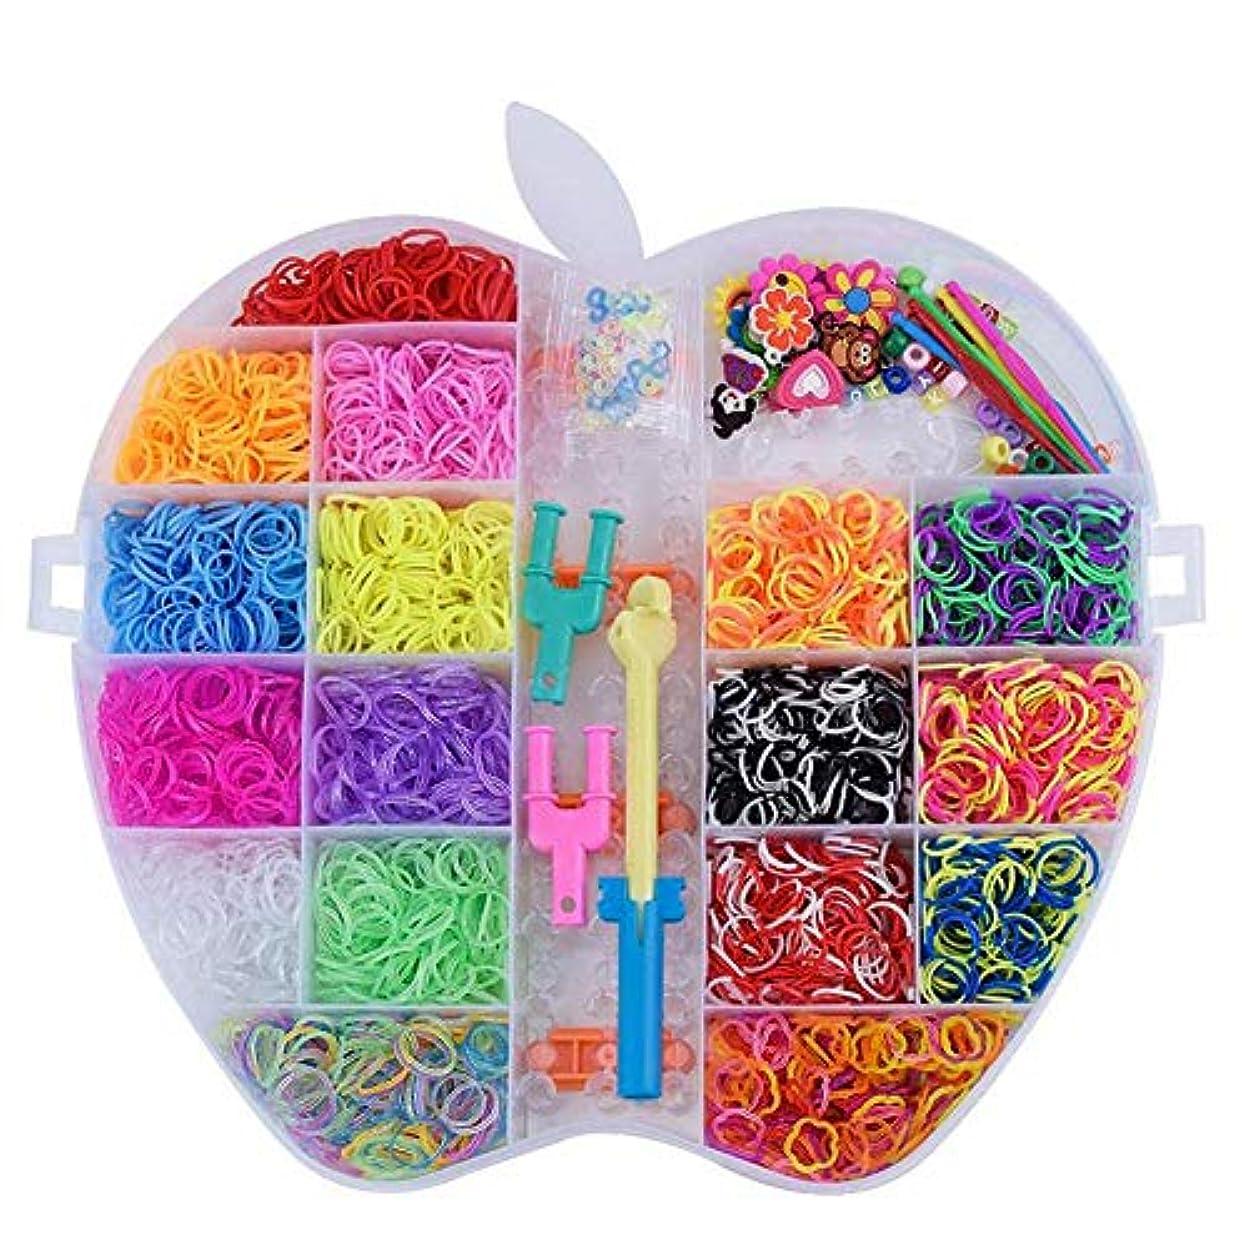 おそらくすごいやるColdwhite 6000ピース16色織機ゴムバンドレインボーゴムバンド詰め替え織機キットで1ツイン編機用子供